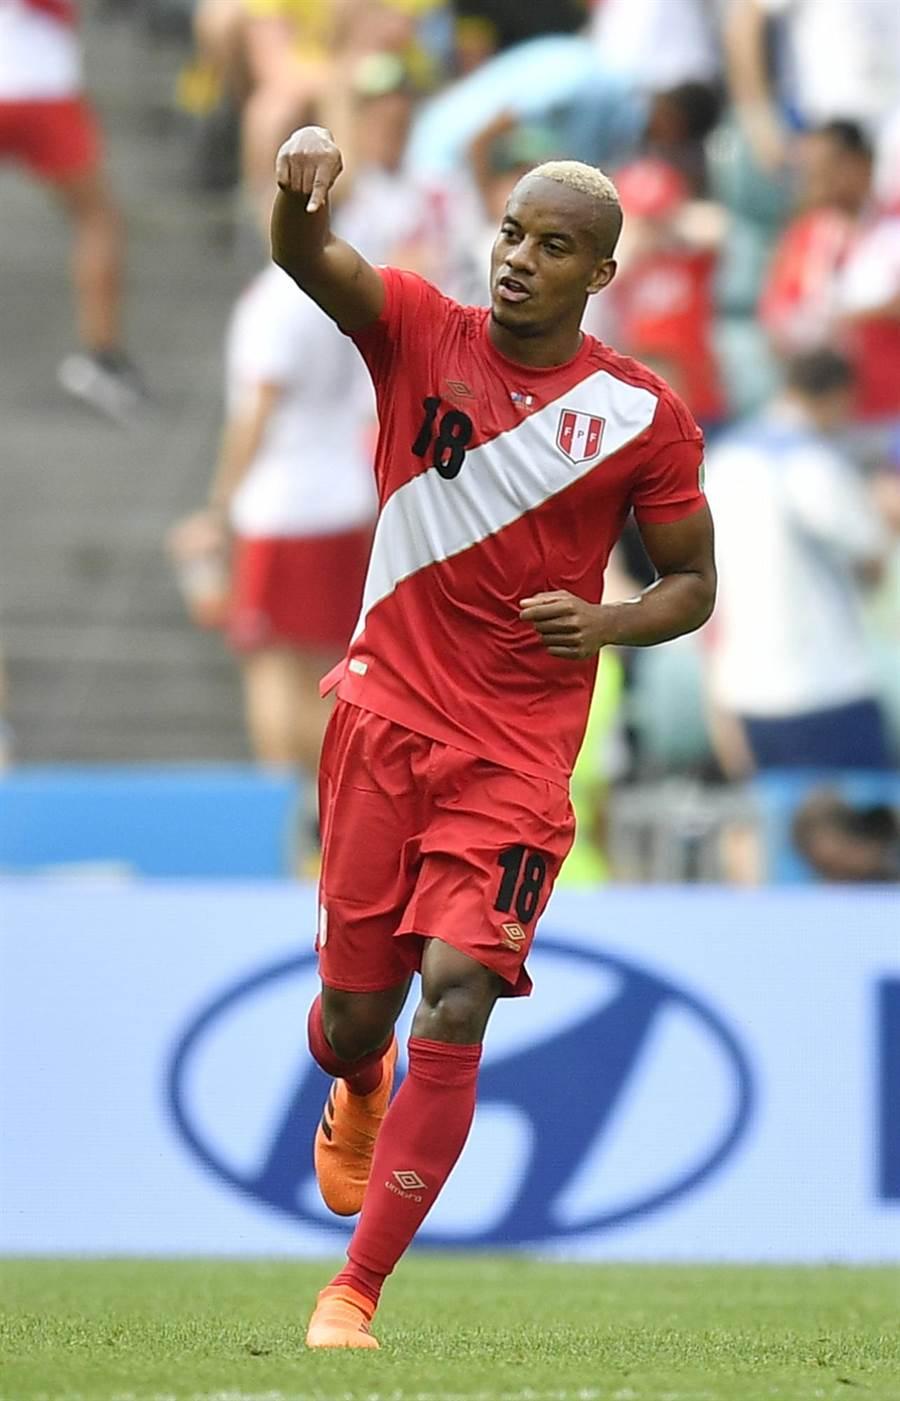 祕魯卡利洛踢進球隊在世界盃36年來的第一顆進球,開心慶祝。(美聯社)